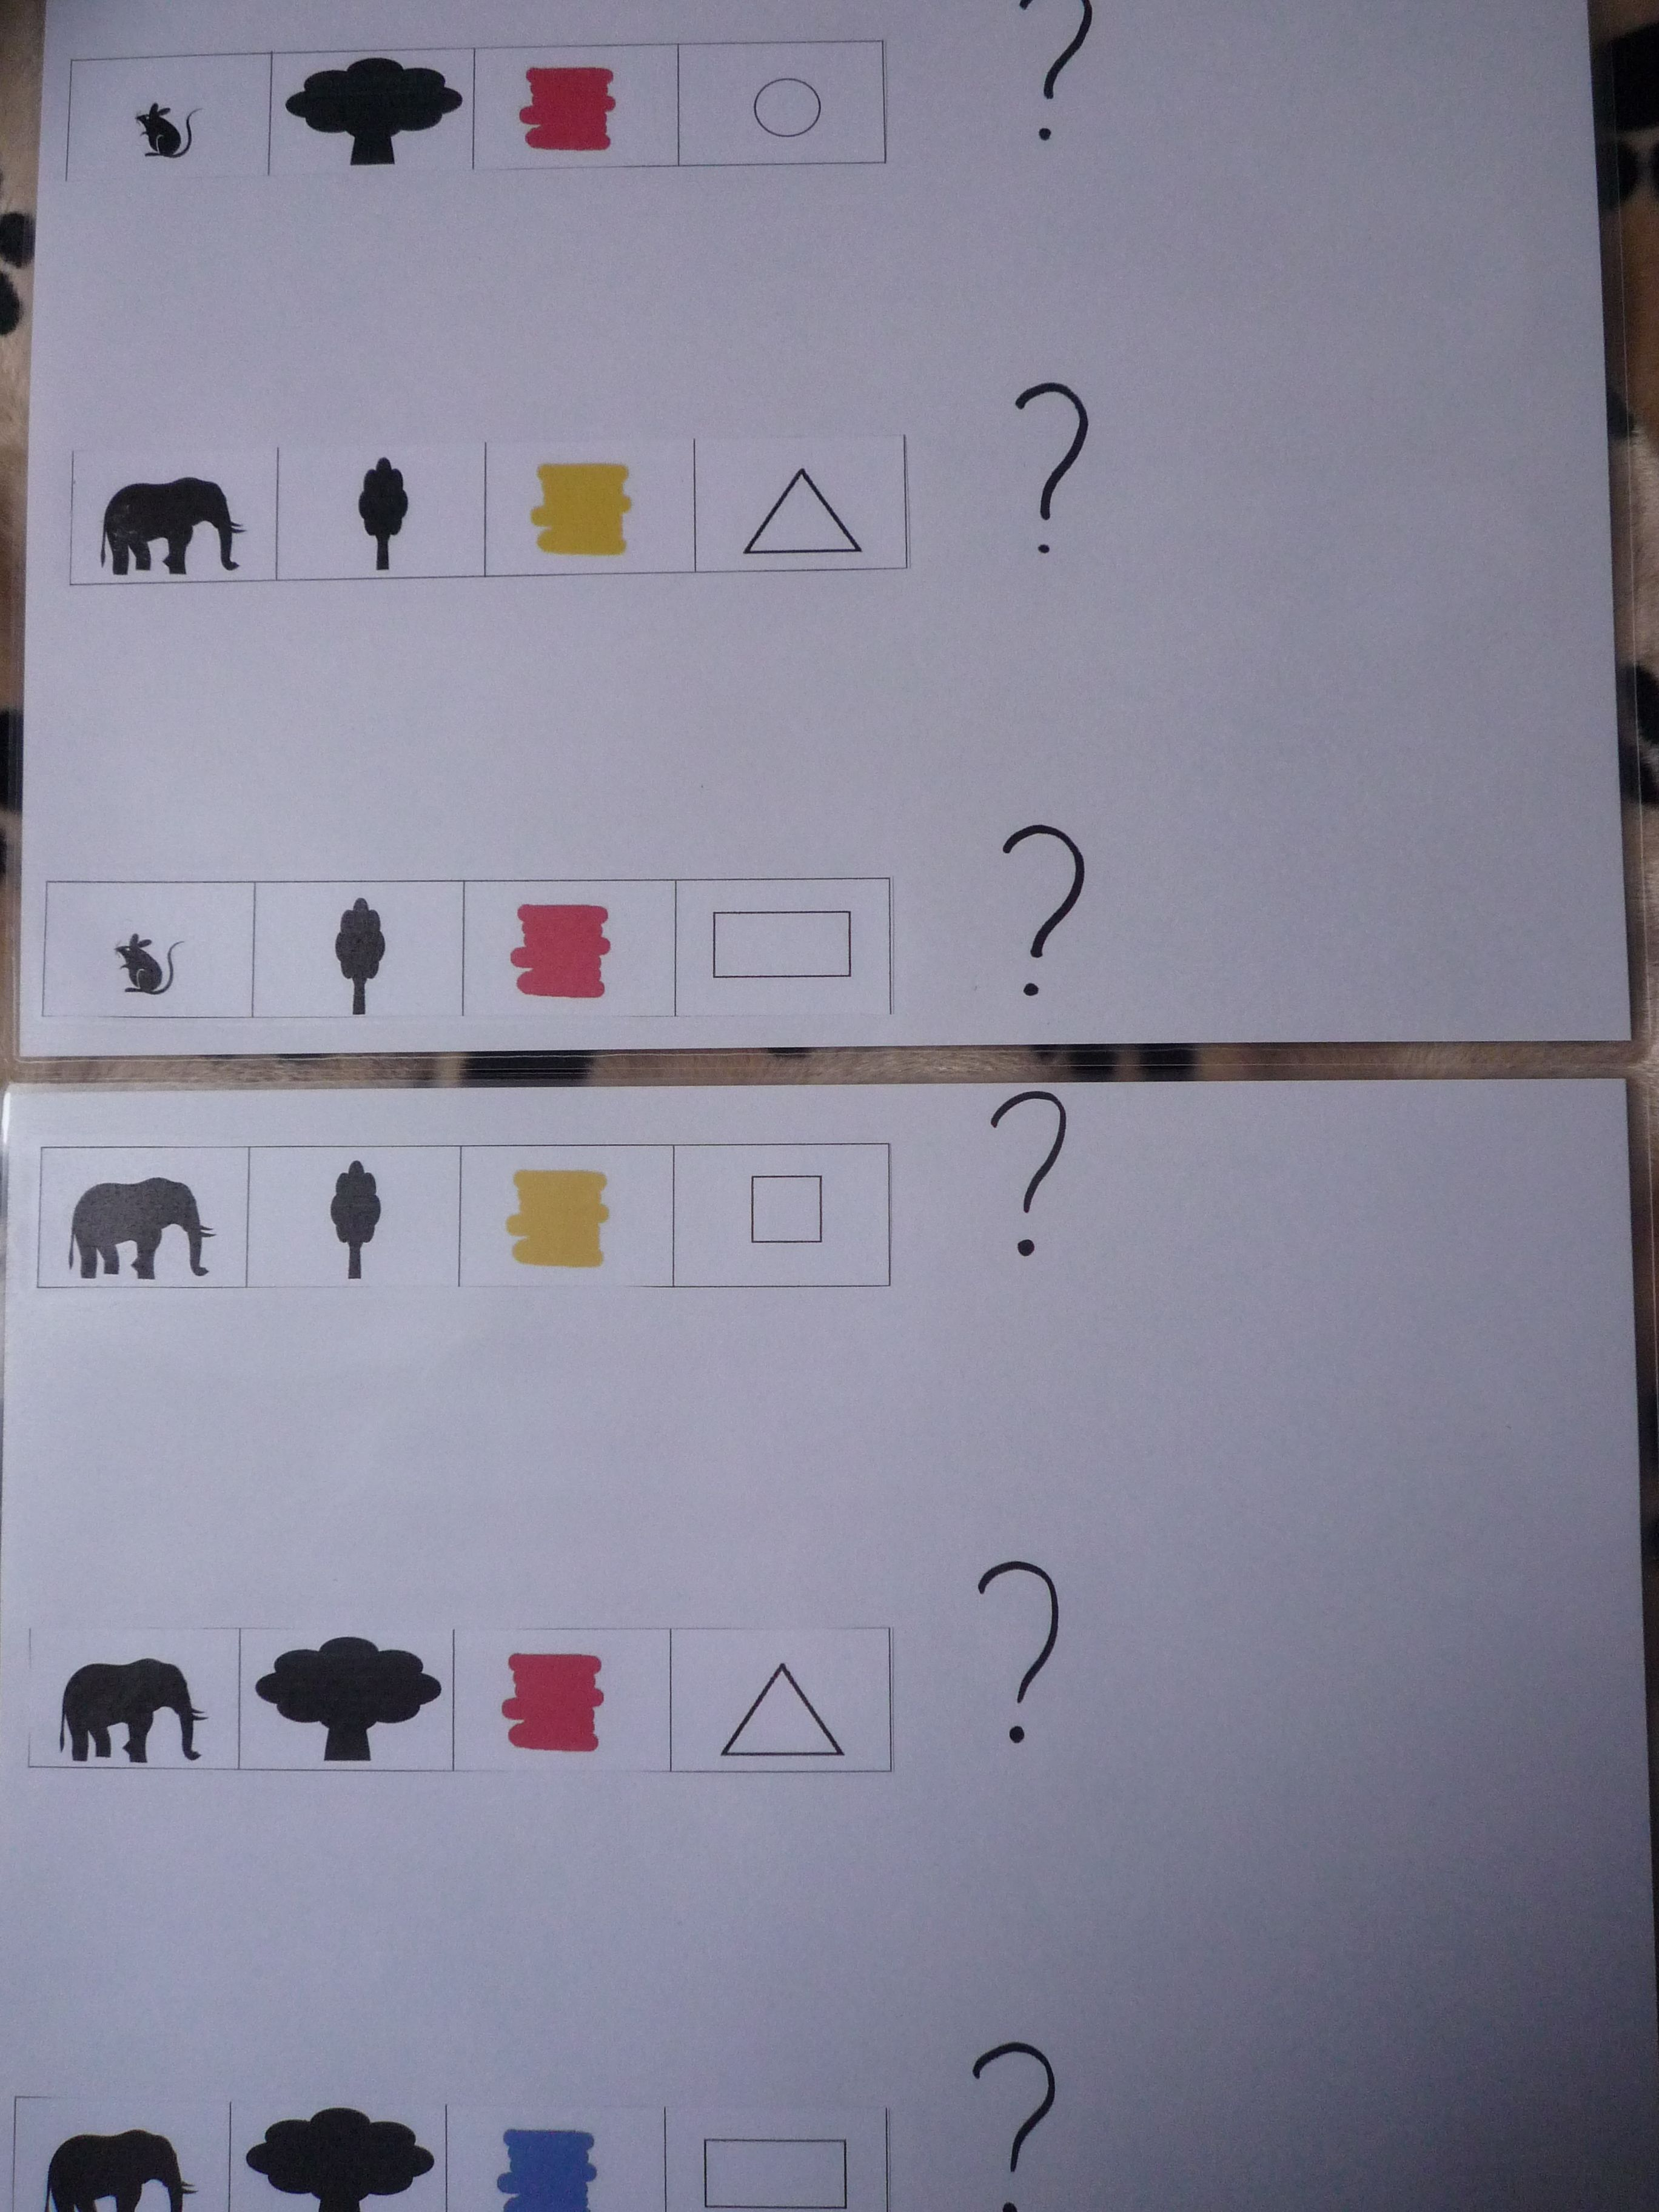 21d4b76c9fa leuke opdrachtkaarten om met logiblokken de begrippen dik-dun ,de kleuren  en de vormen te oefenen. je kan de opdrachtkaarten vinden op de site van ...